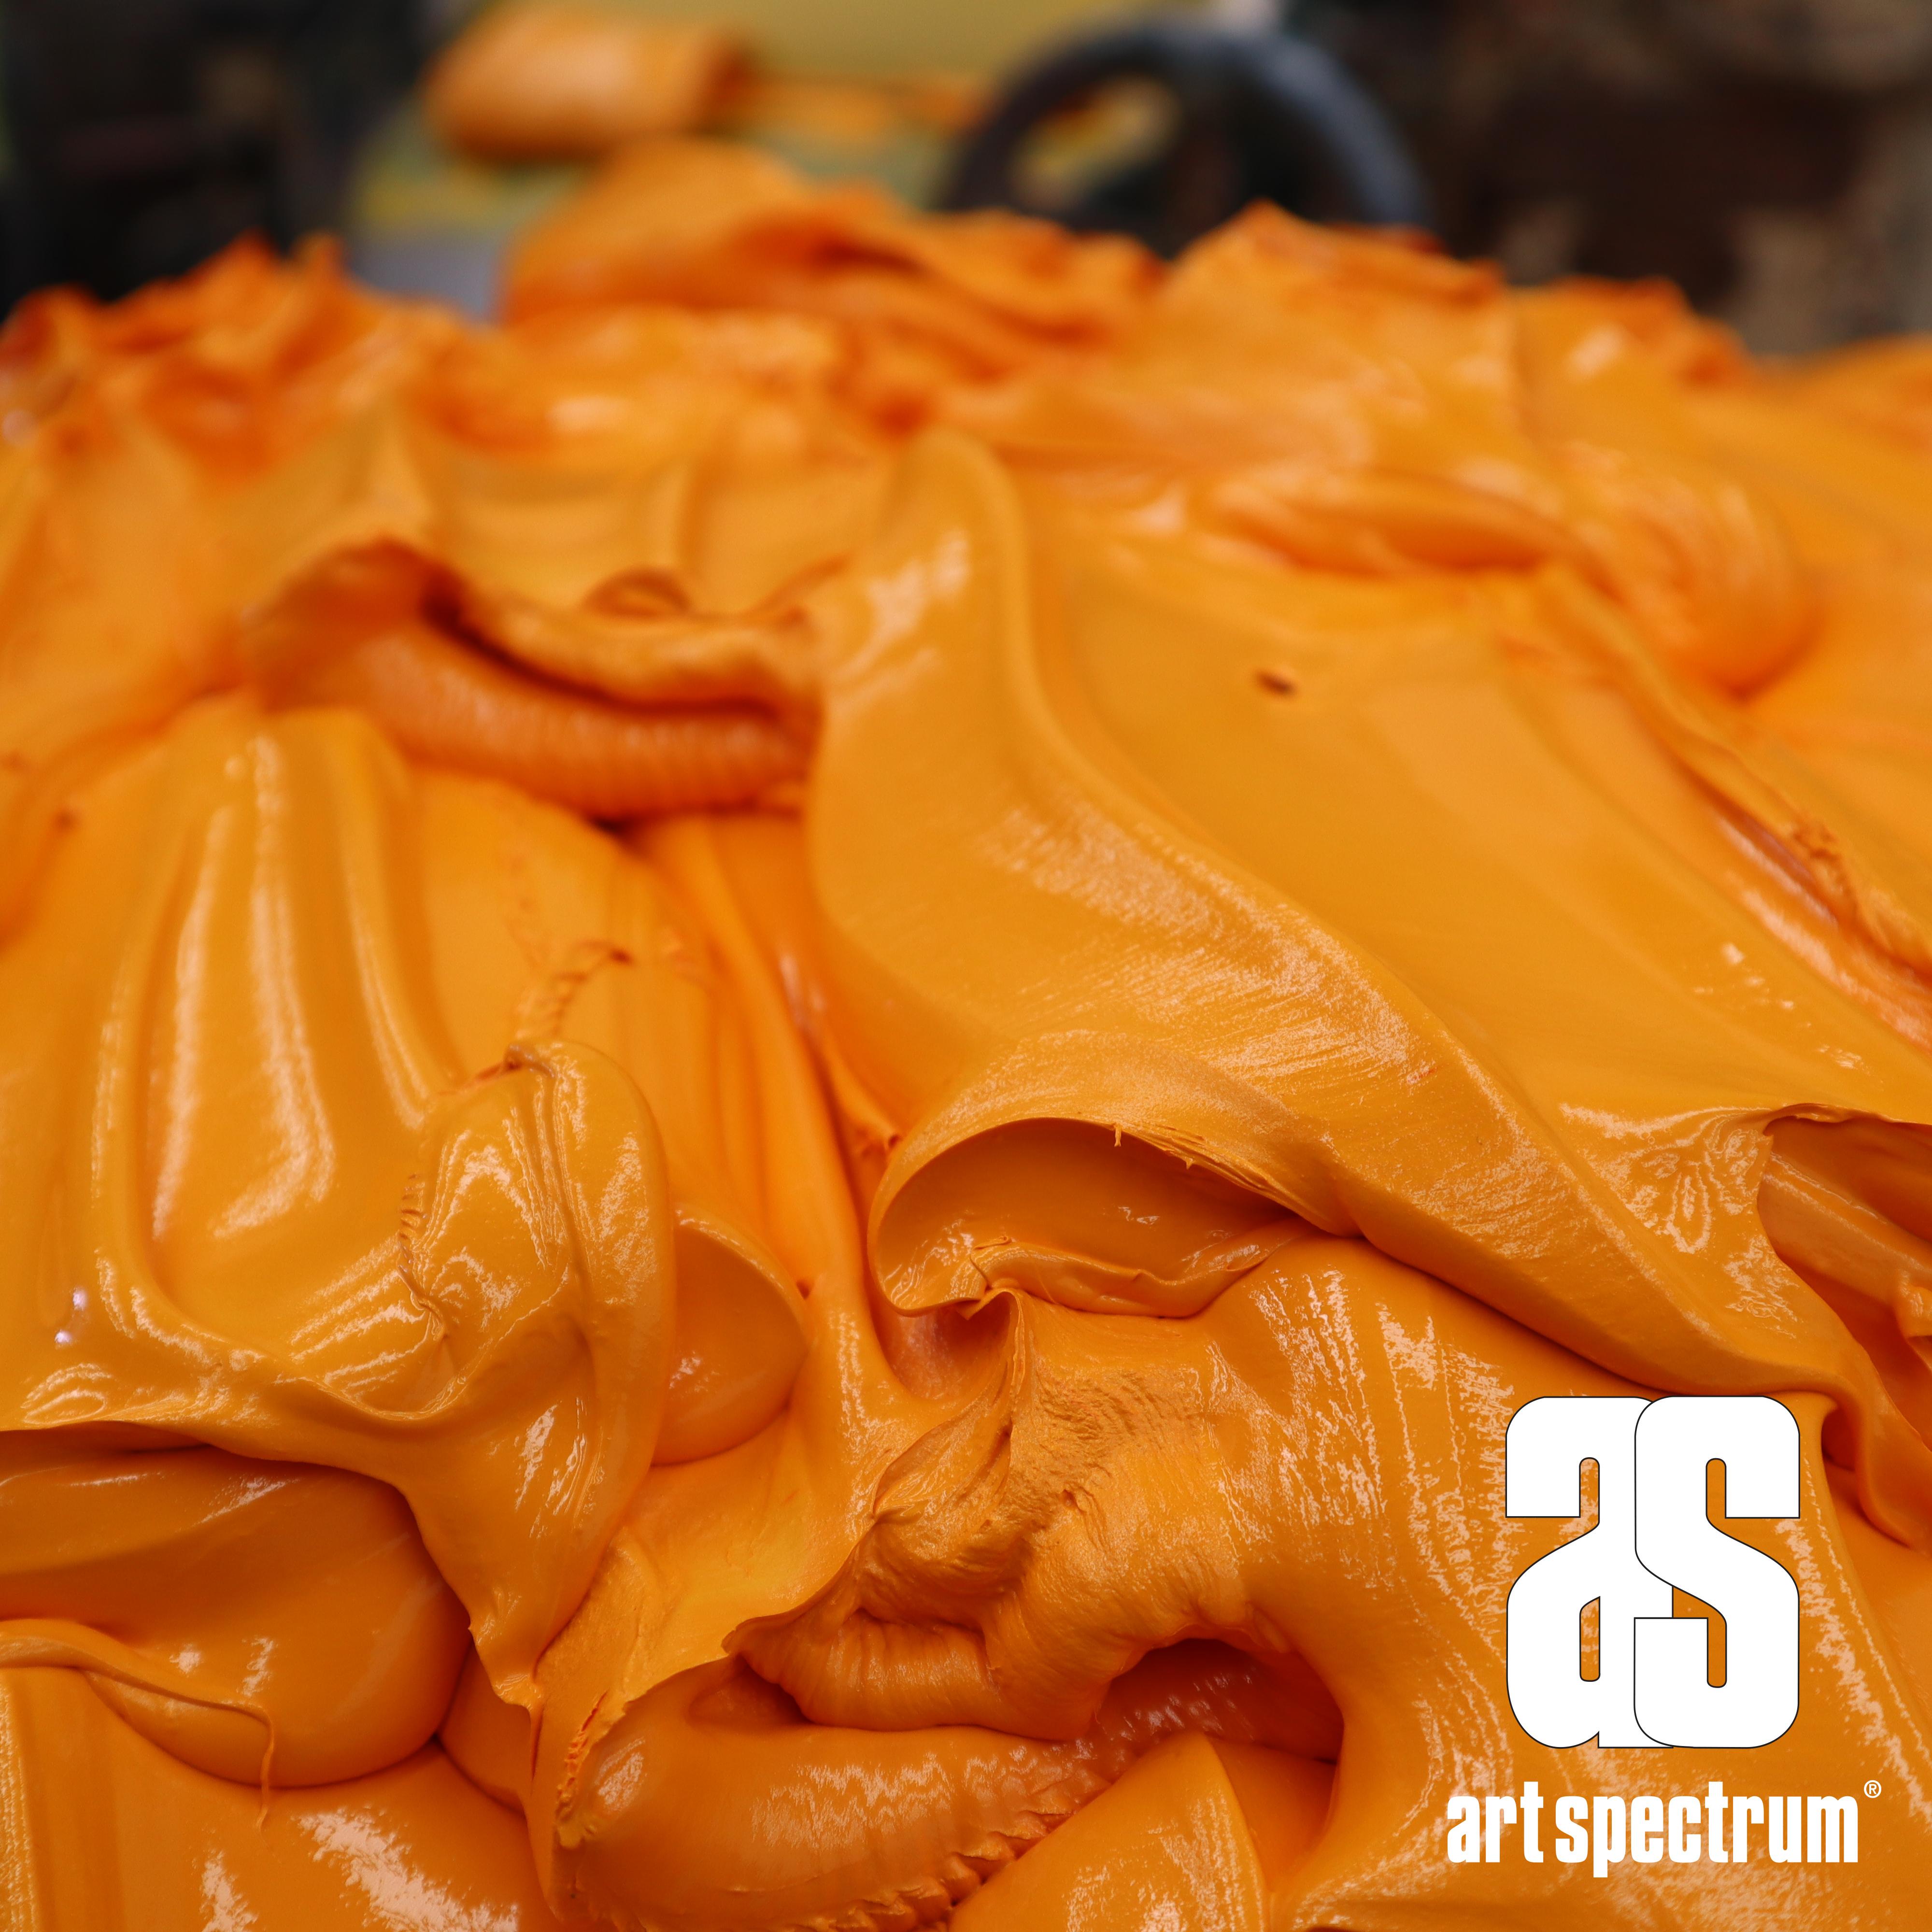 Golden Yellow Series 2 Art Spectrum